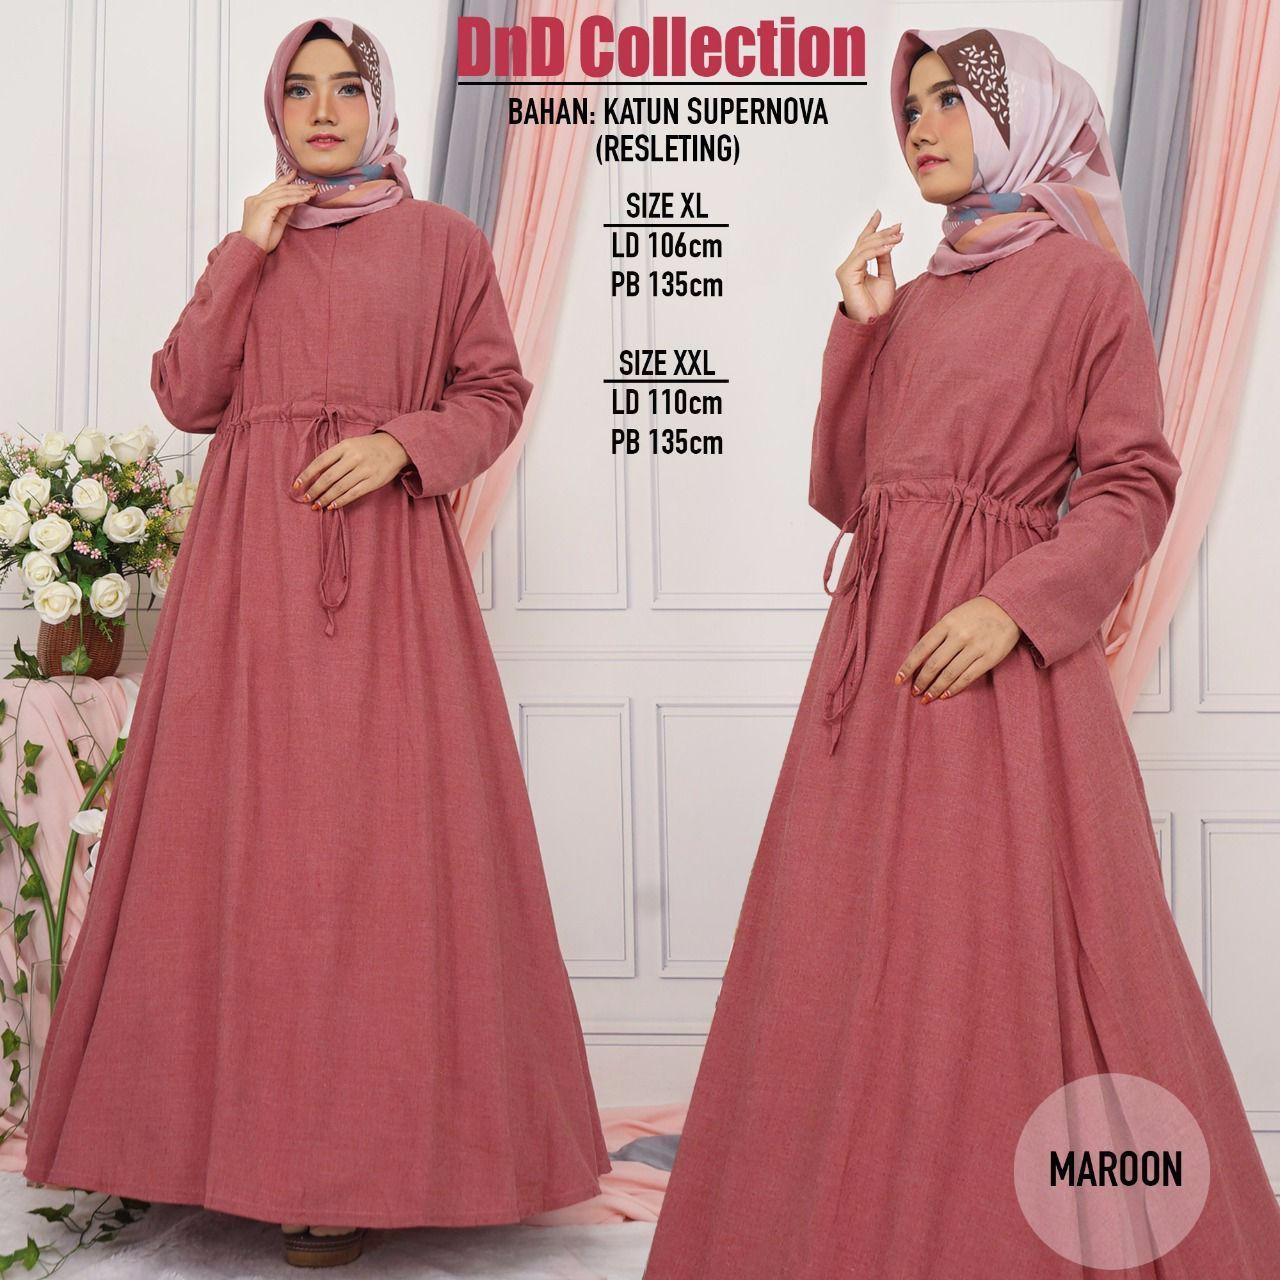 DnD - (COD) PROMO GAMIS MURAH BAHAN KATUN SUPERNOVA Baju Gamis Gamis wanita Baju Muslimah Dress Mus